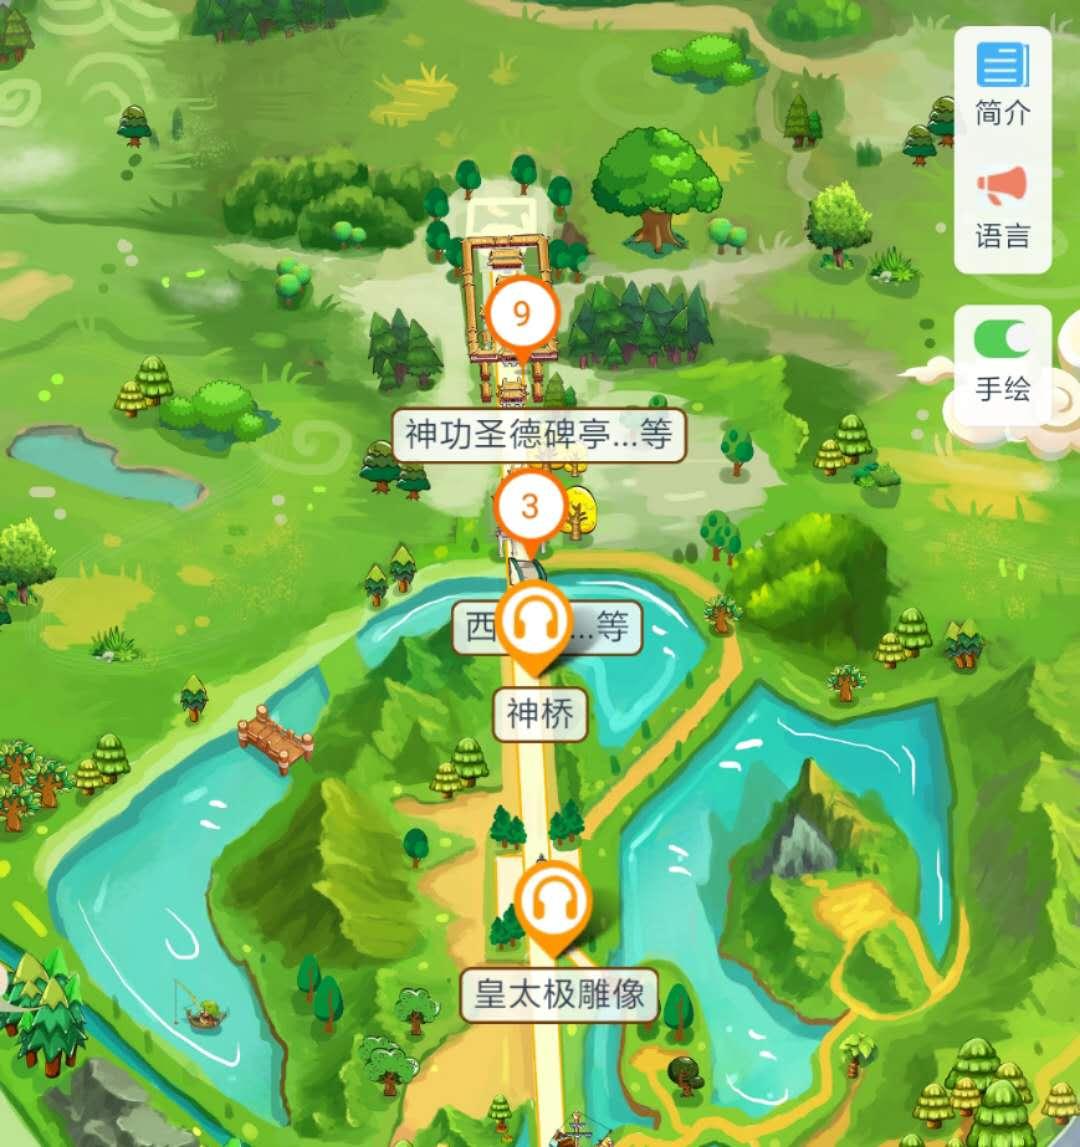 辽宁沈阳北陵公园手绘地图、语音讲解、智能导览.jpg